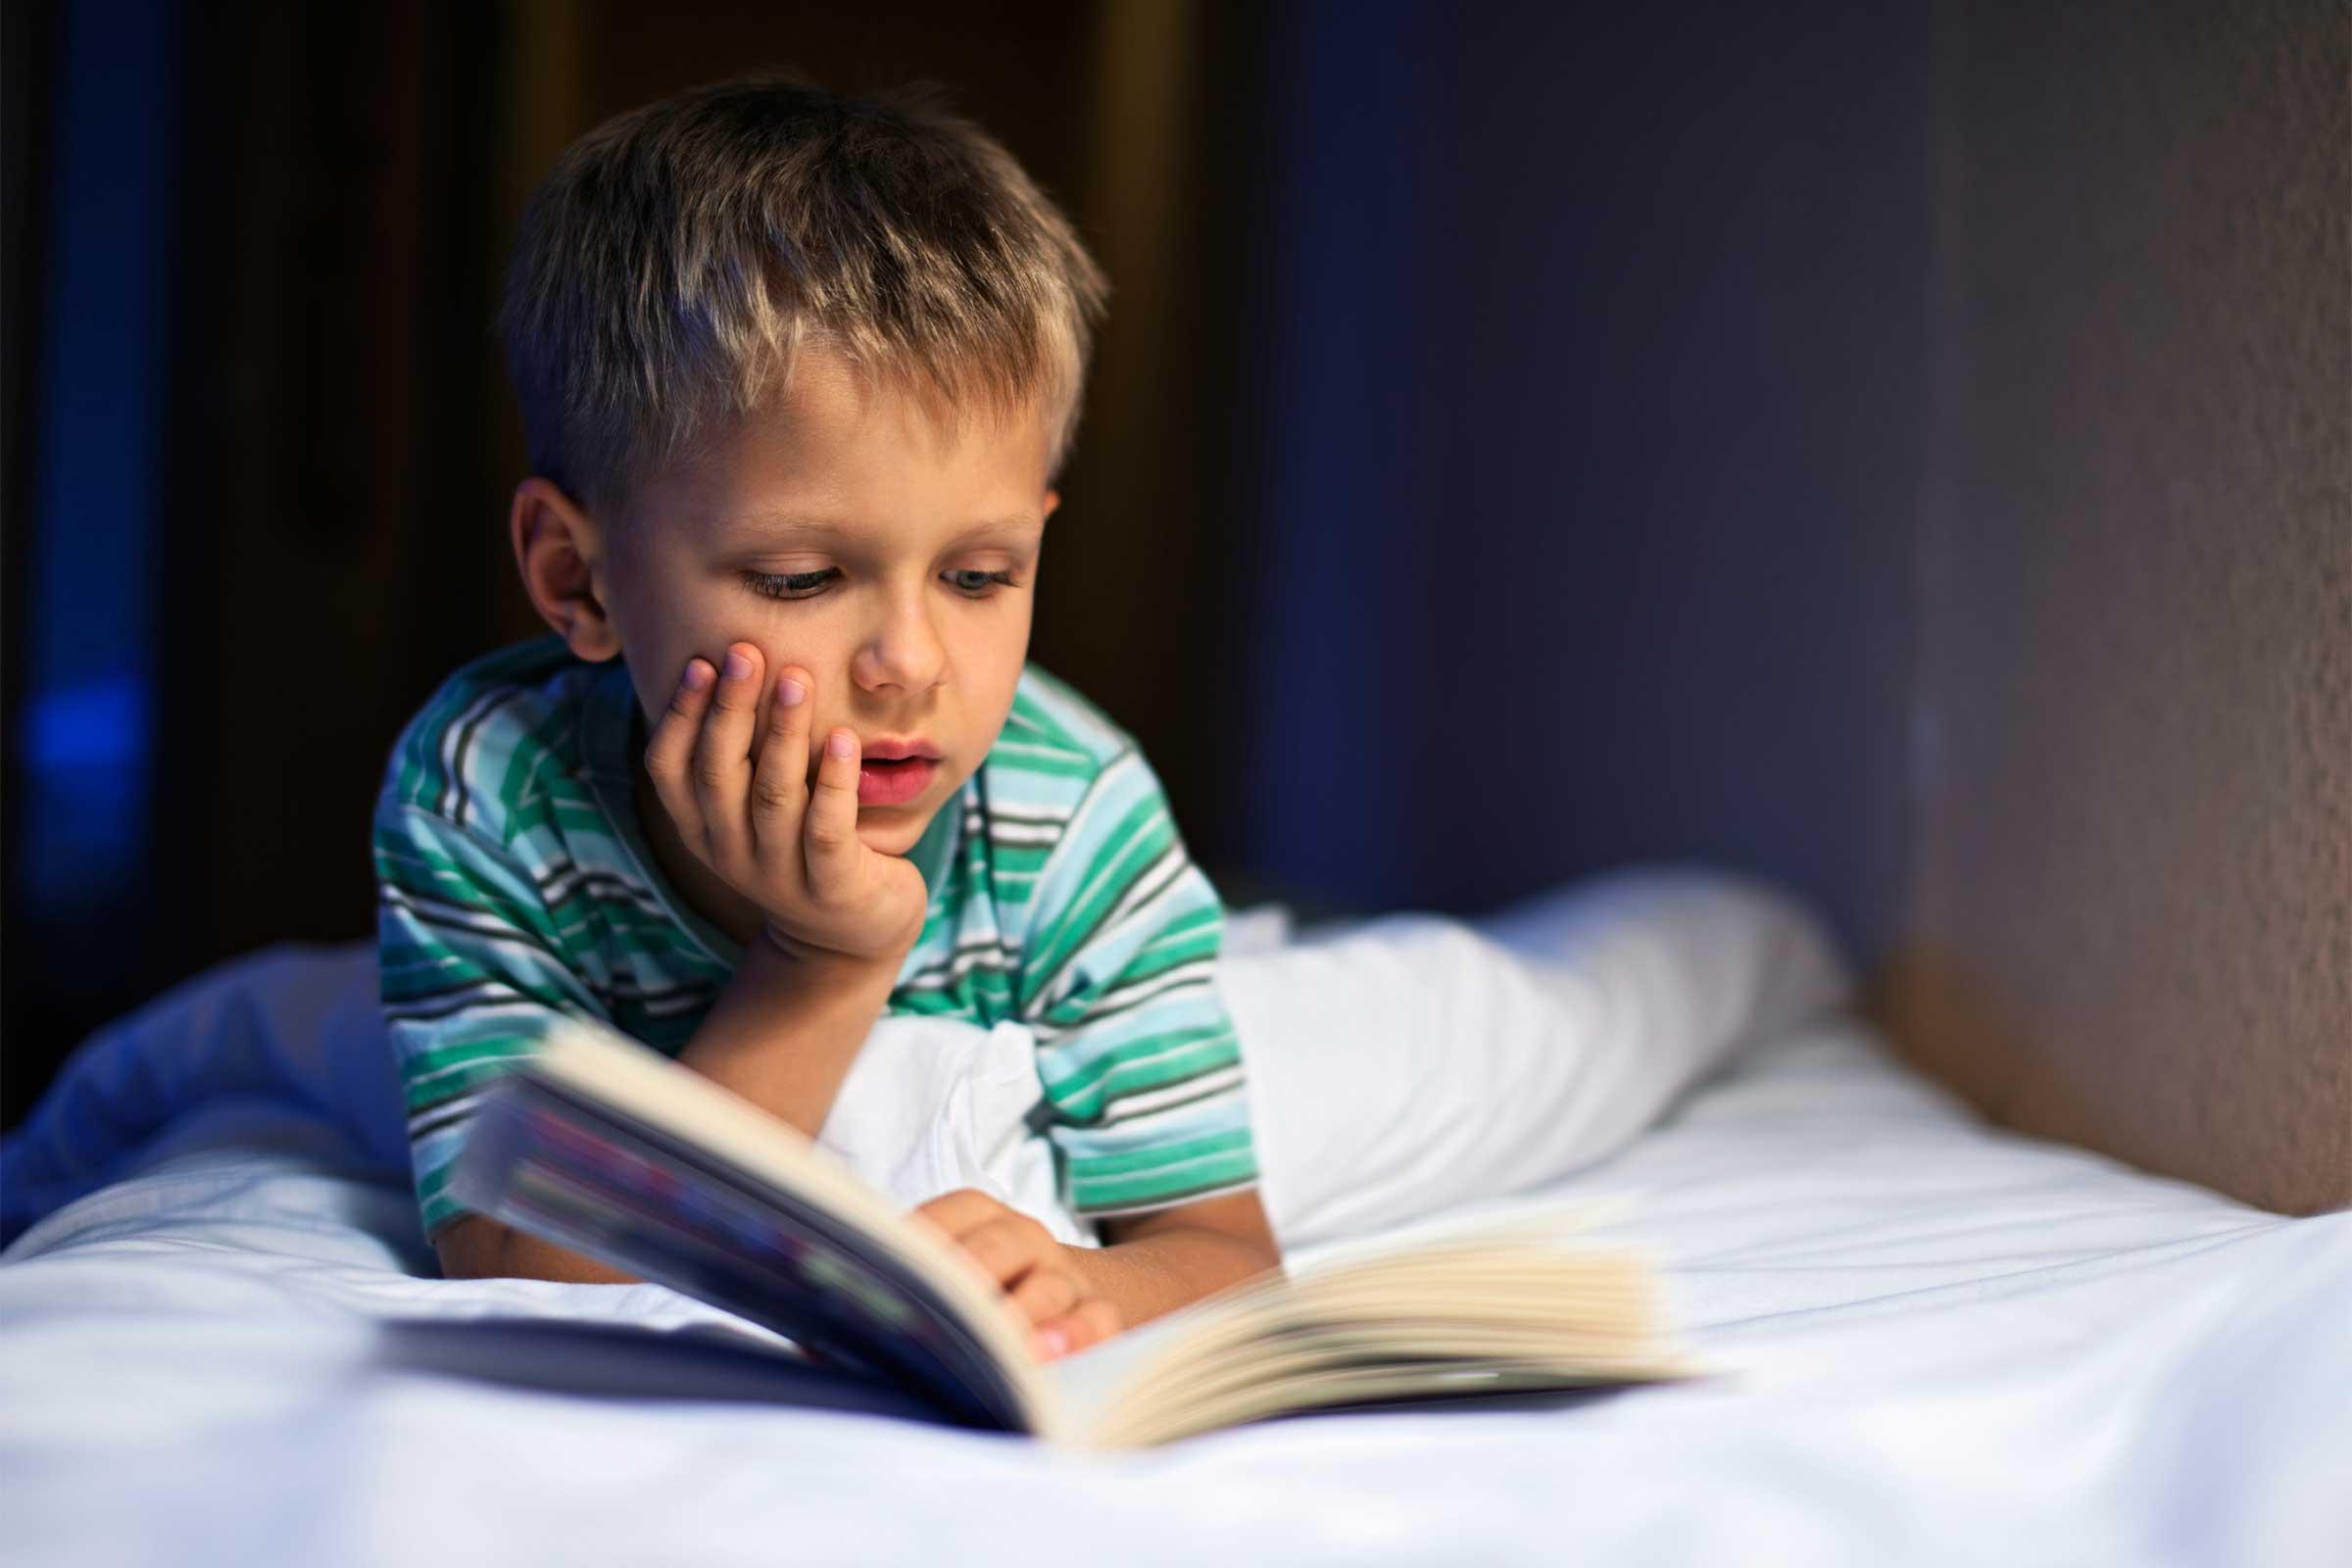 در این مطلب 7 روش مفید برای افزایش تمرکز کودکان را باهم می خوانیم